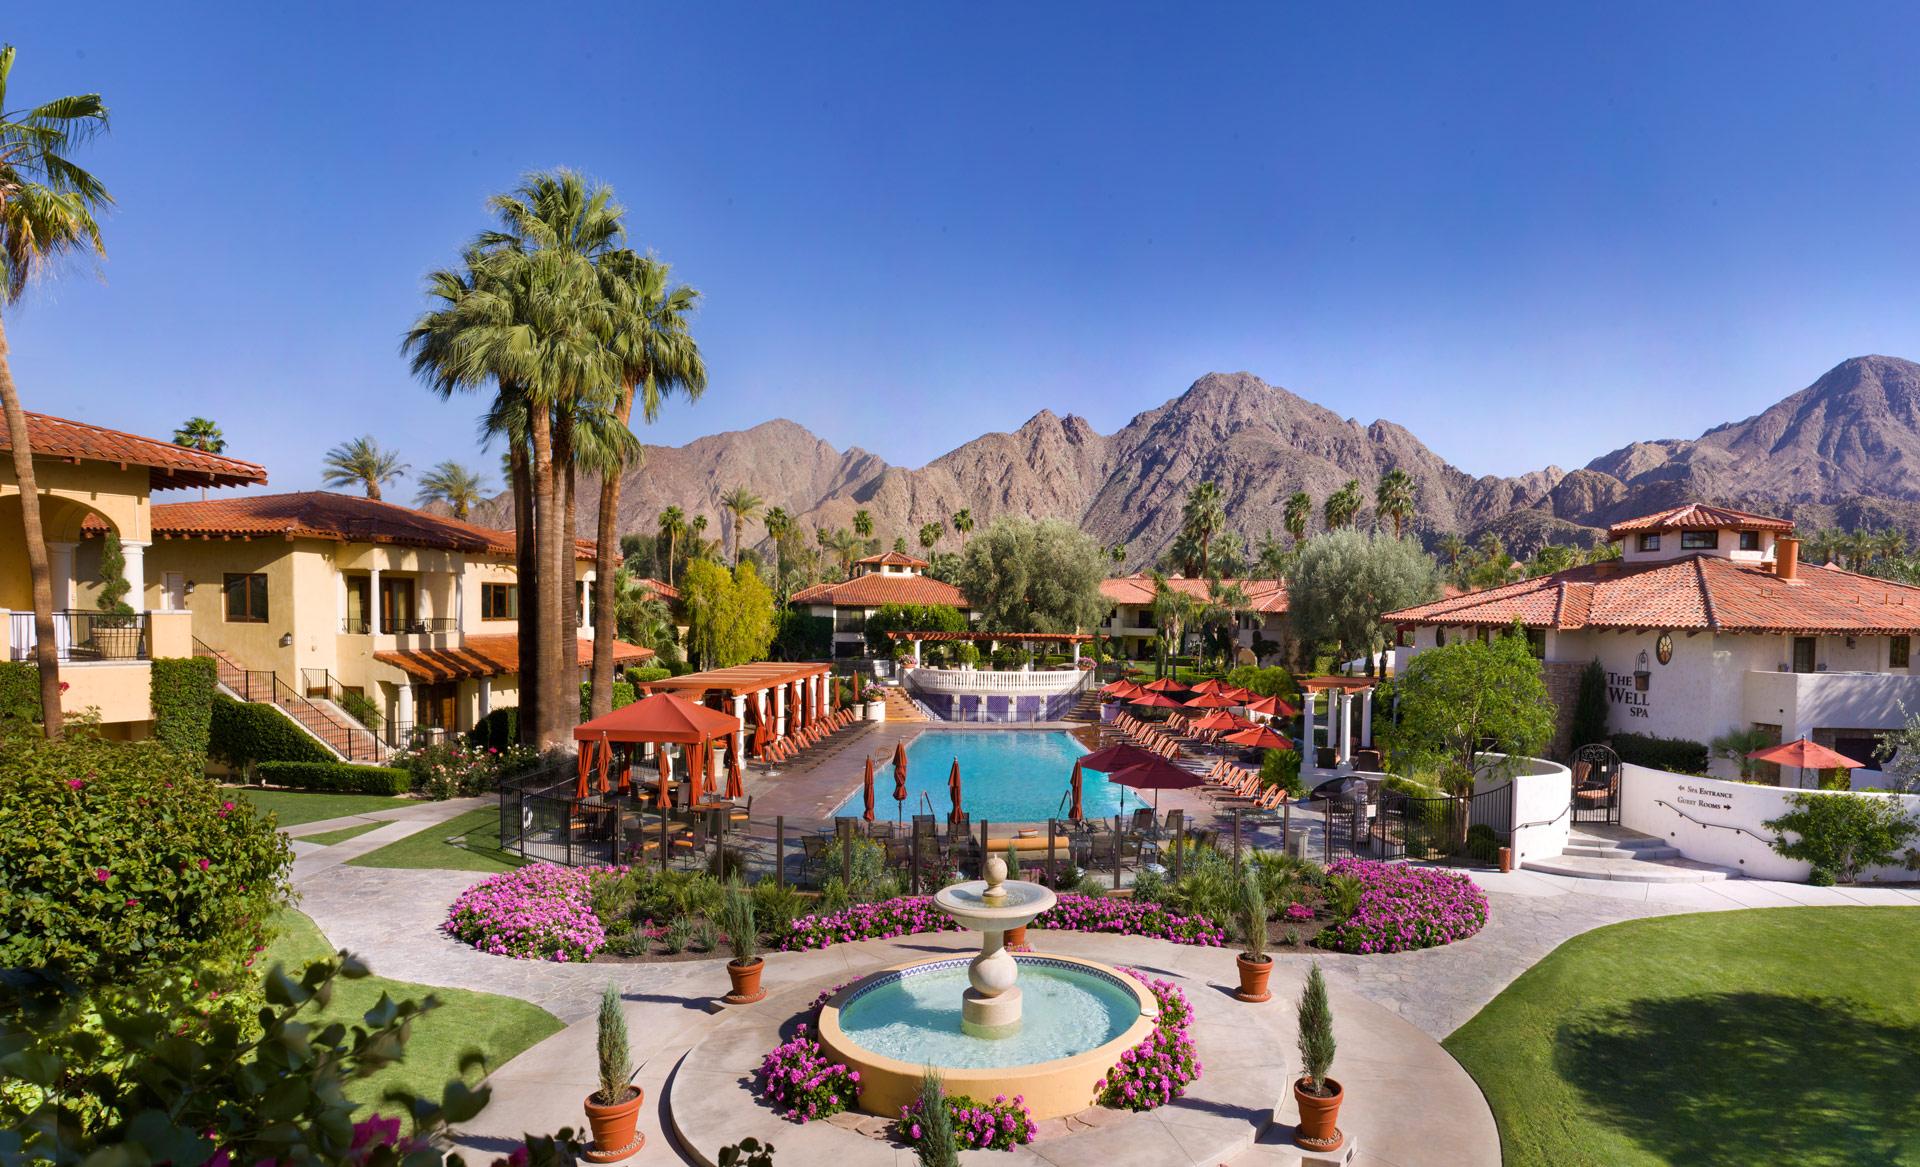 3 Night Miramonte Resort Spa Weekend One Vip Travel Package For 4 People